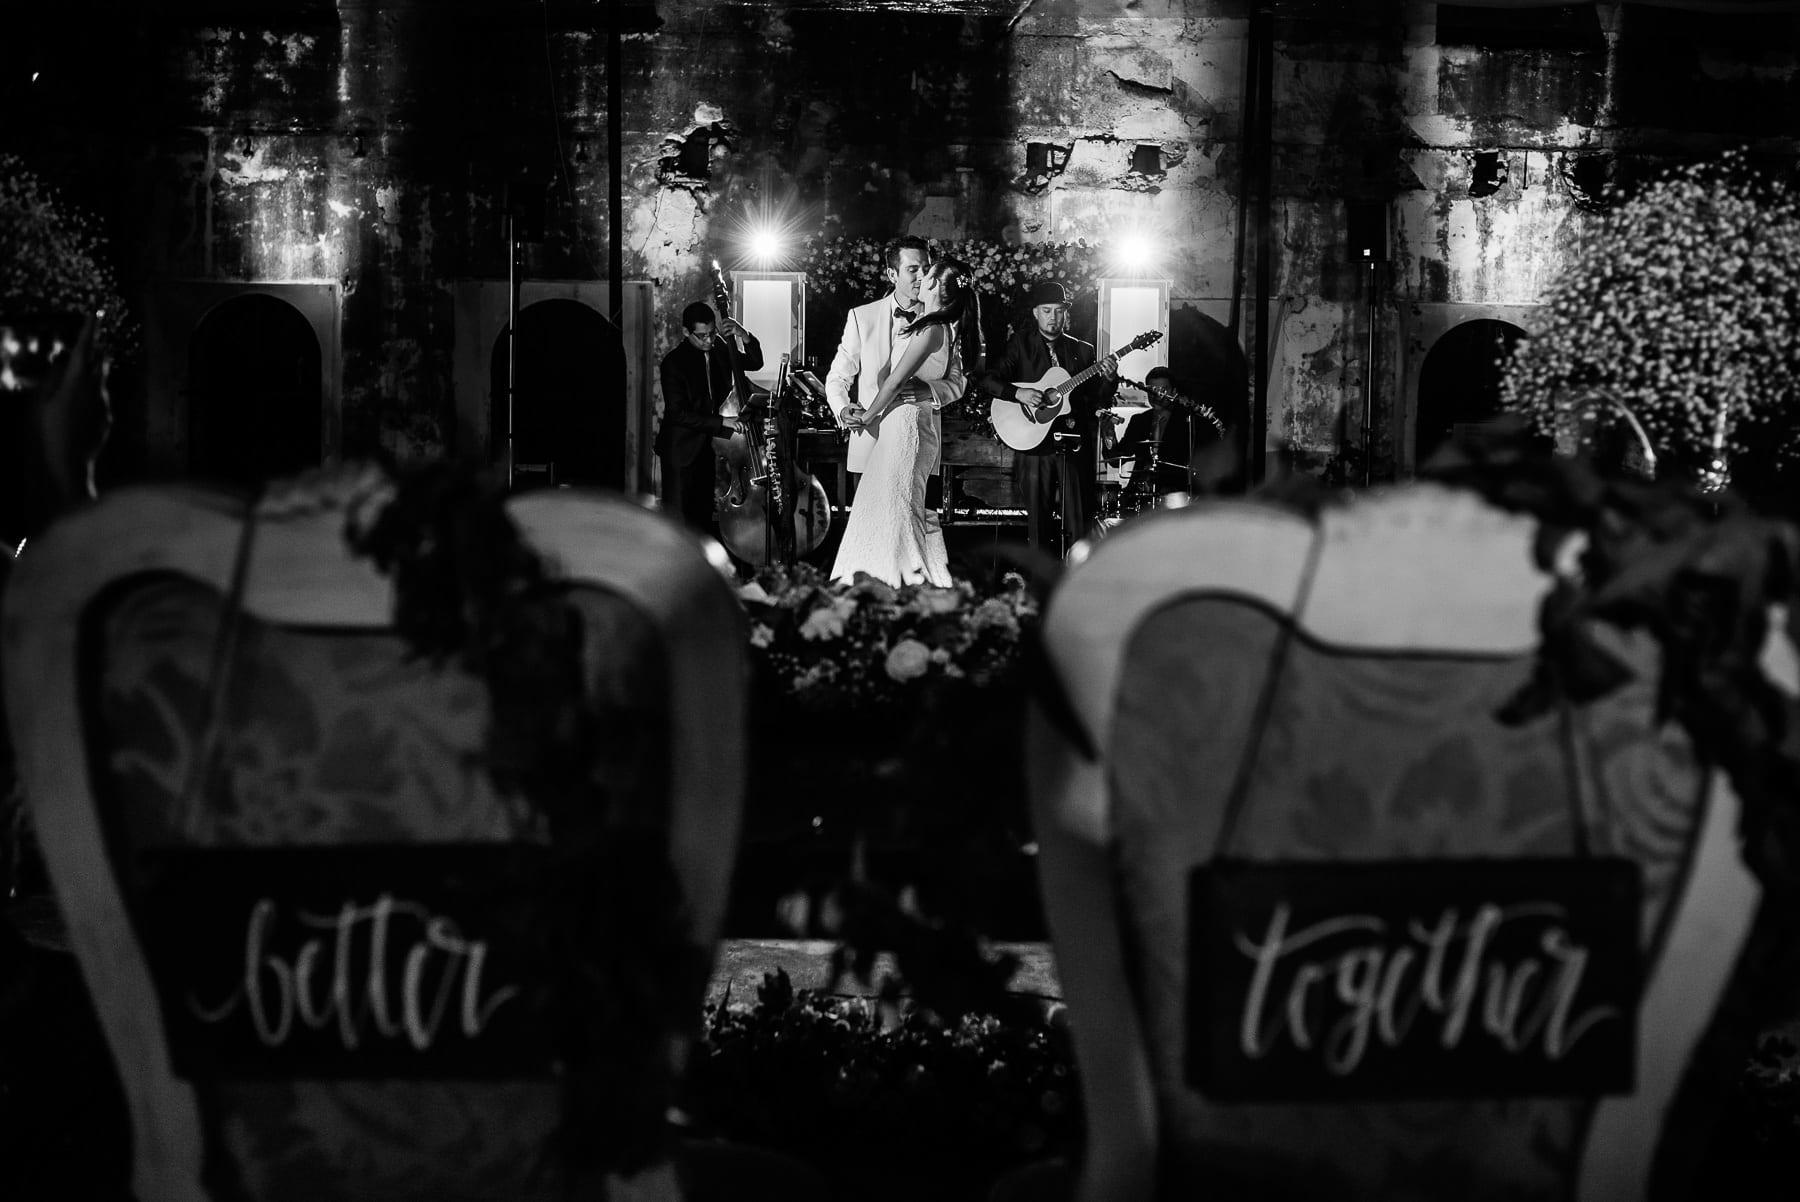 fotografo-de-bodas-en-cancun-21